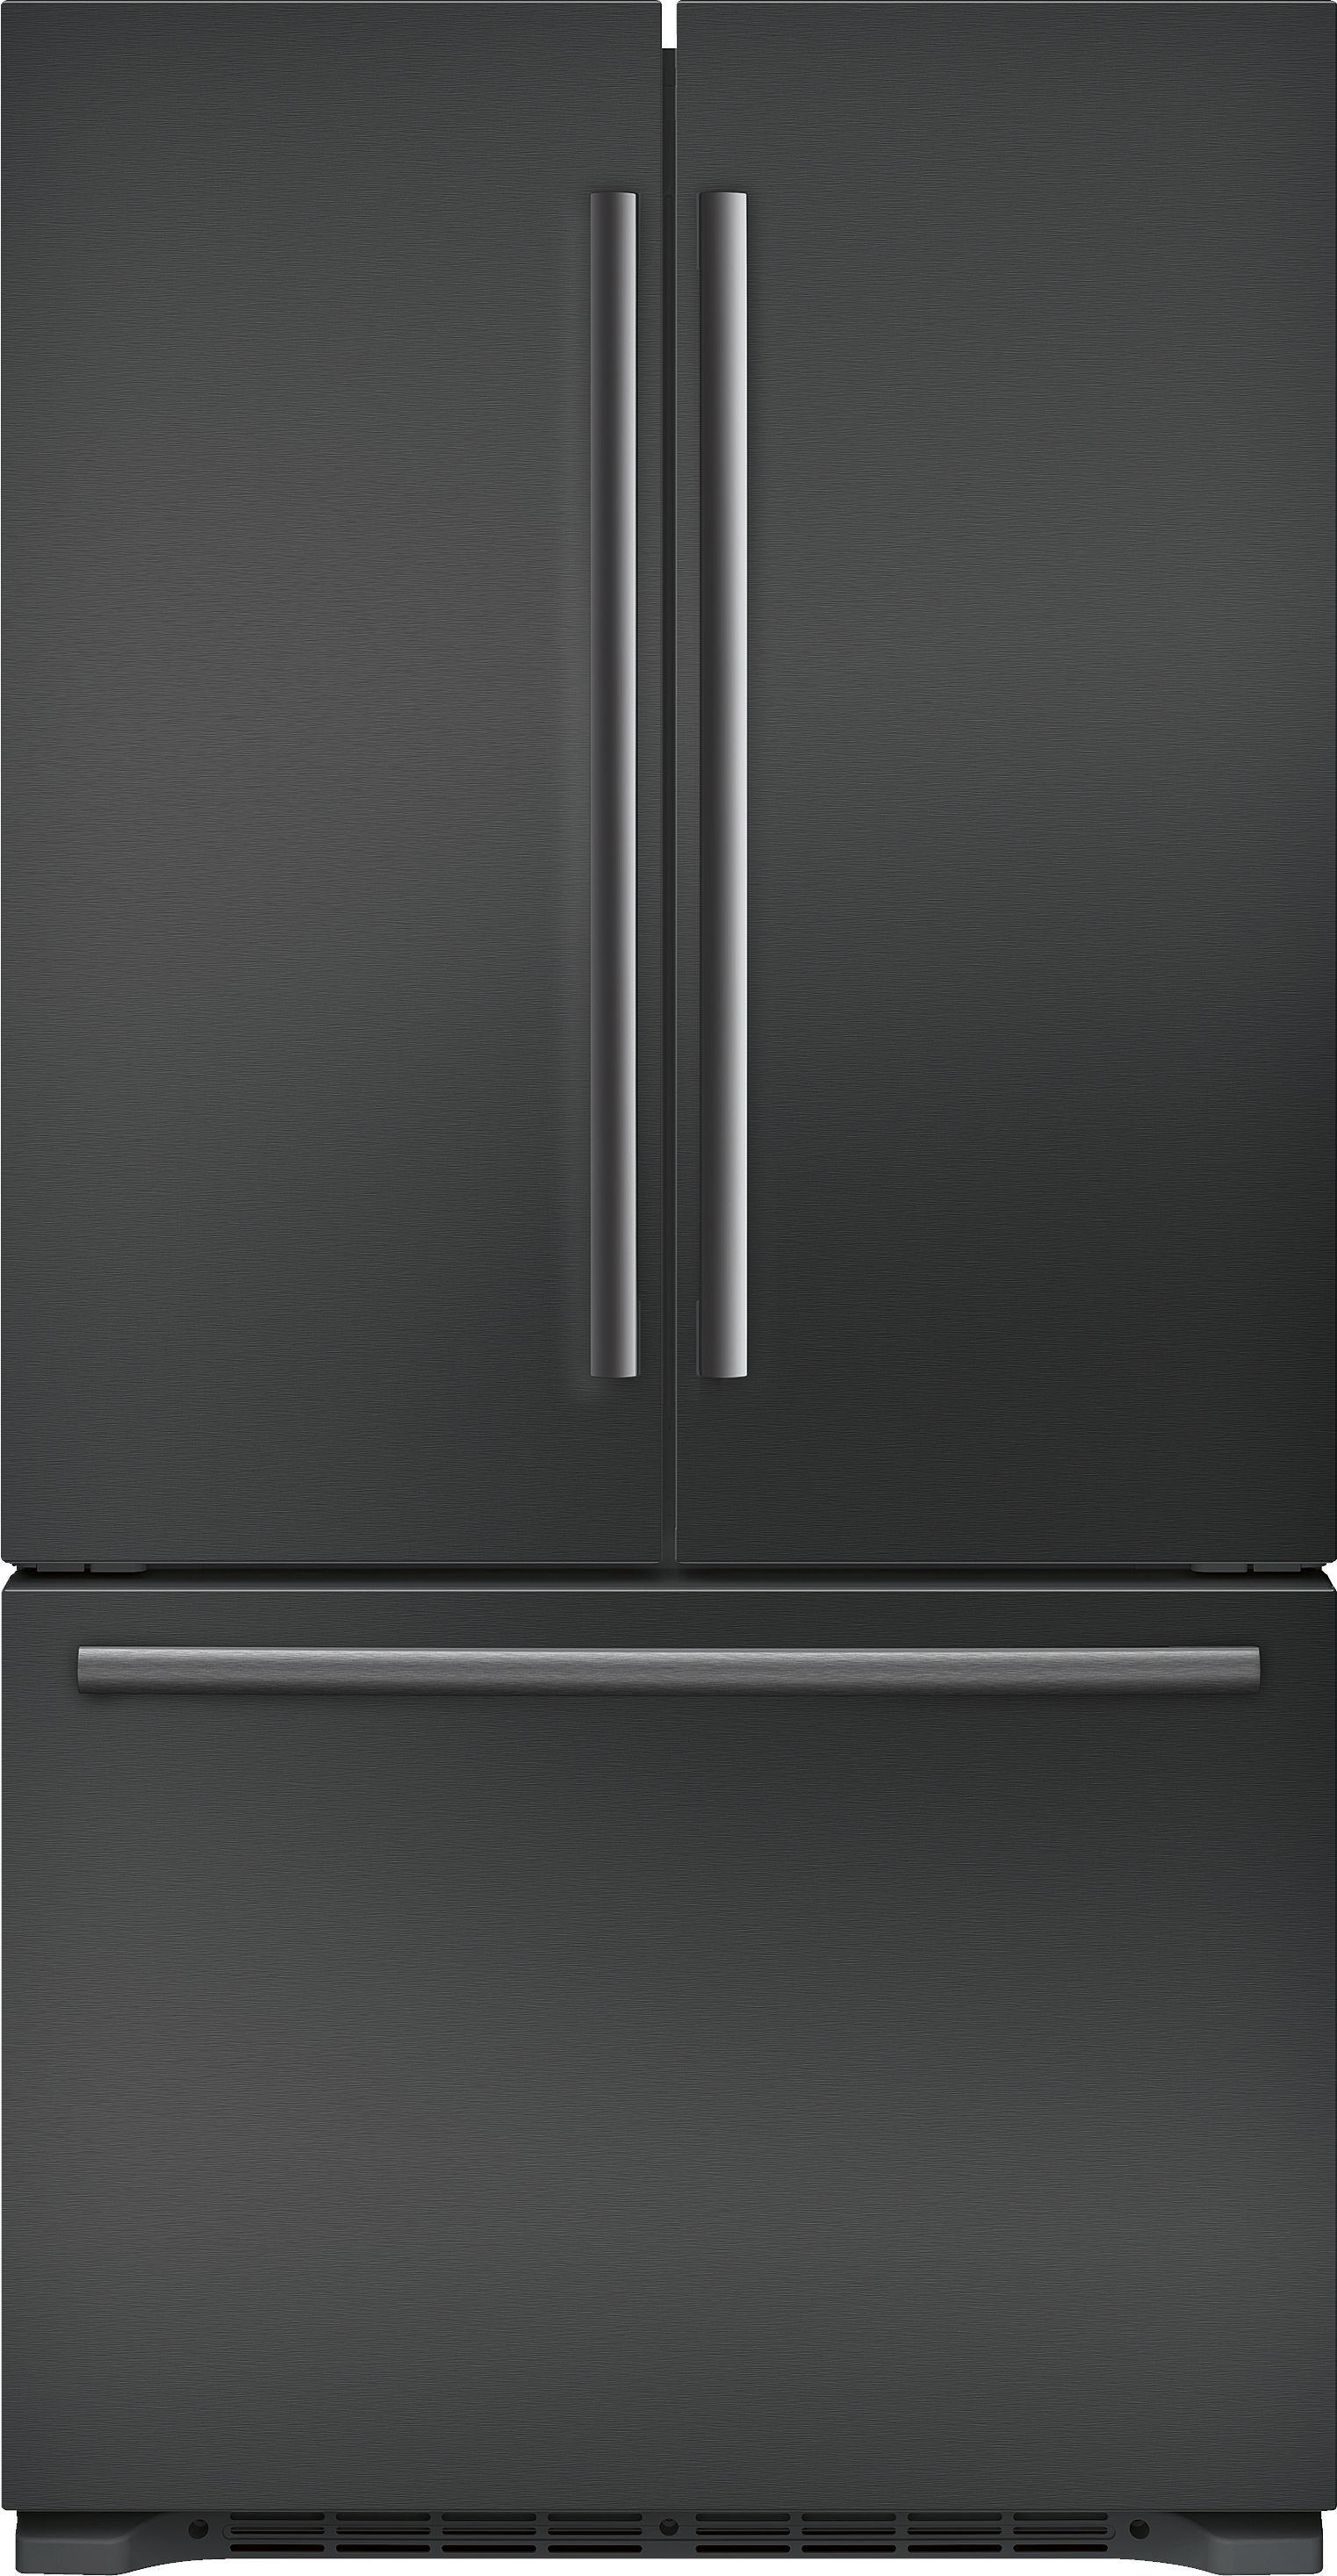 36 Freestanding Counter Depth French Door Refrigerator